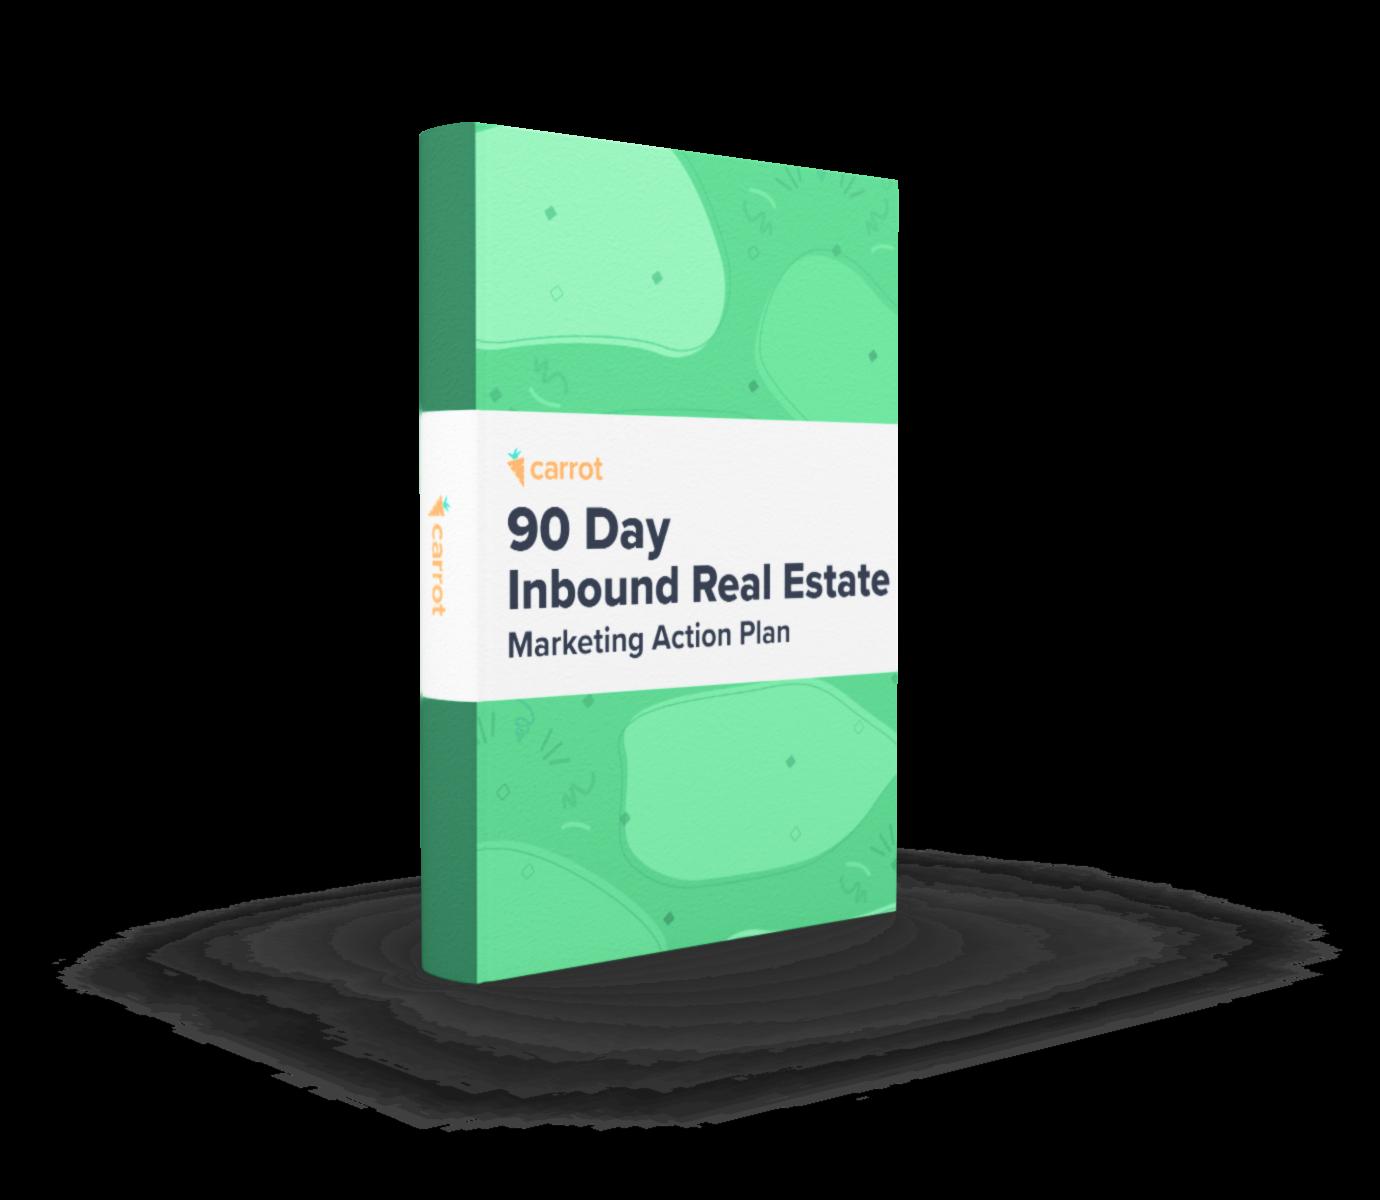 90 day inbound marketing plan cover